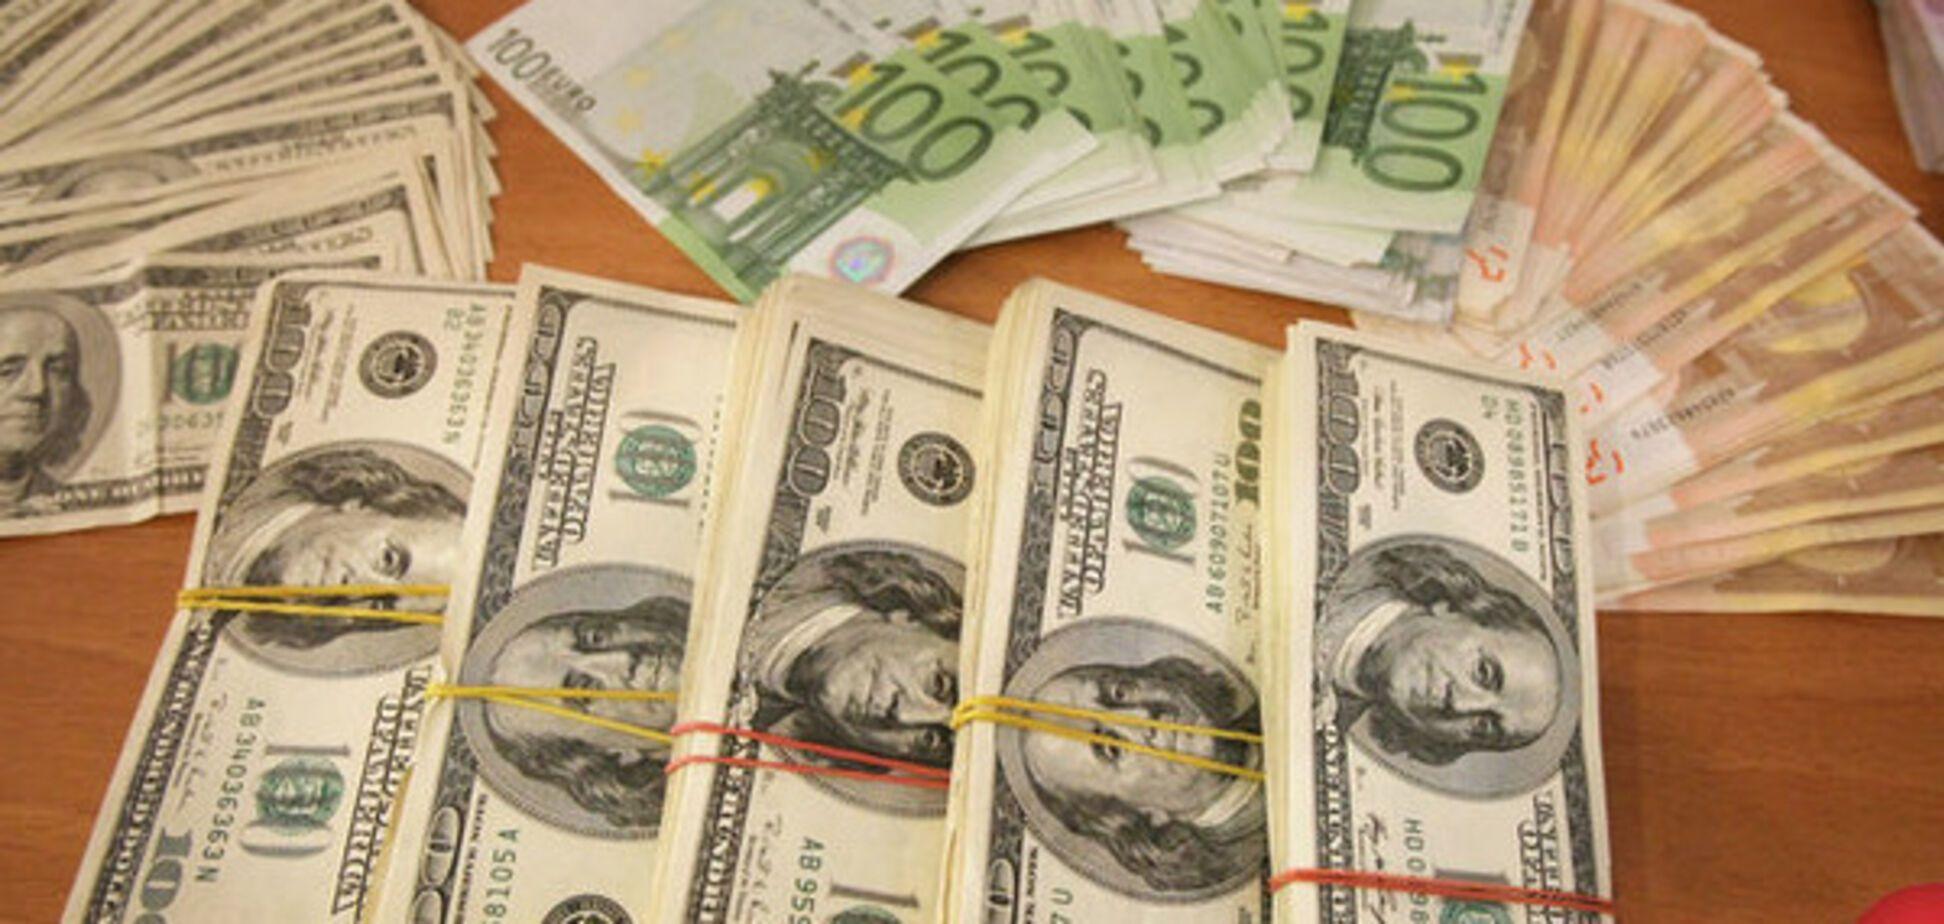 Нацсовет по инвестициям:  расчет с кредиторами 'Мрии' улучшит инвестпривлекательность Украины